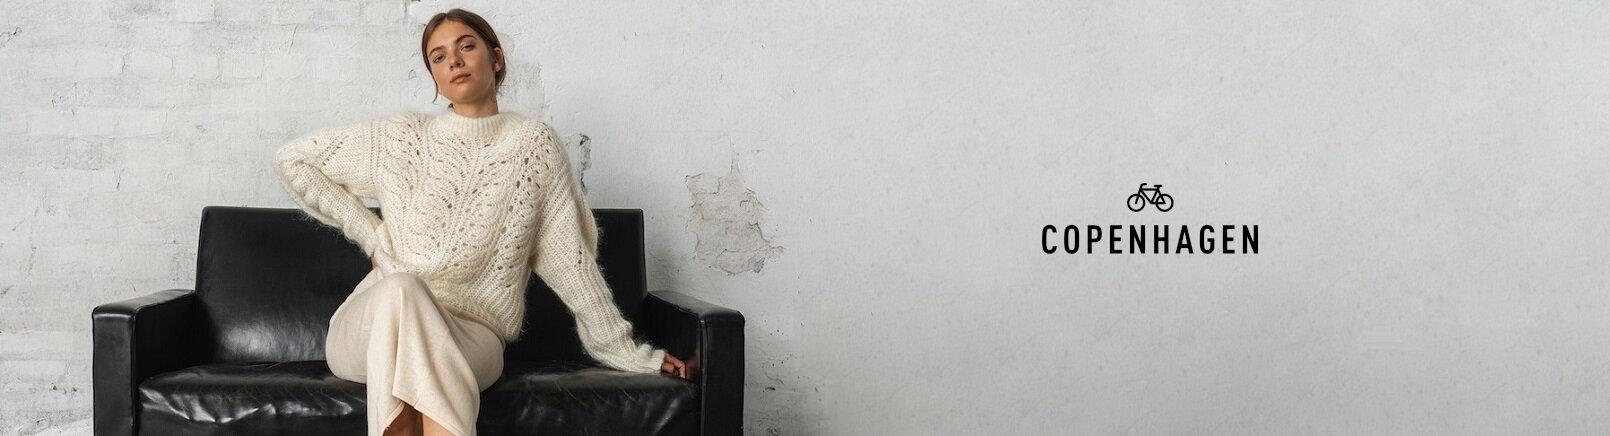 Copenhagen Damenschuhe online entdecken im Juppen Shop